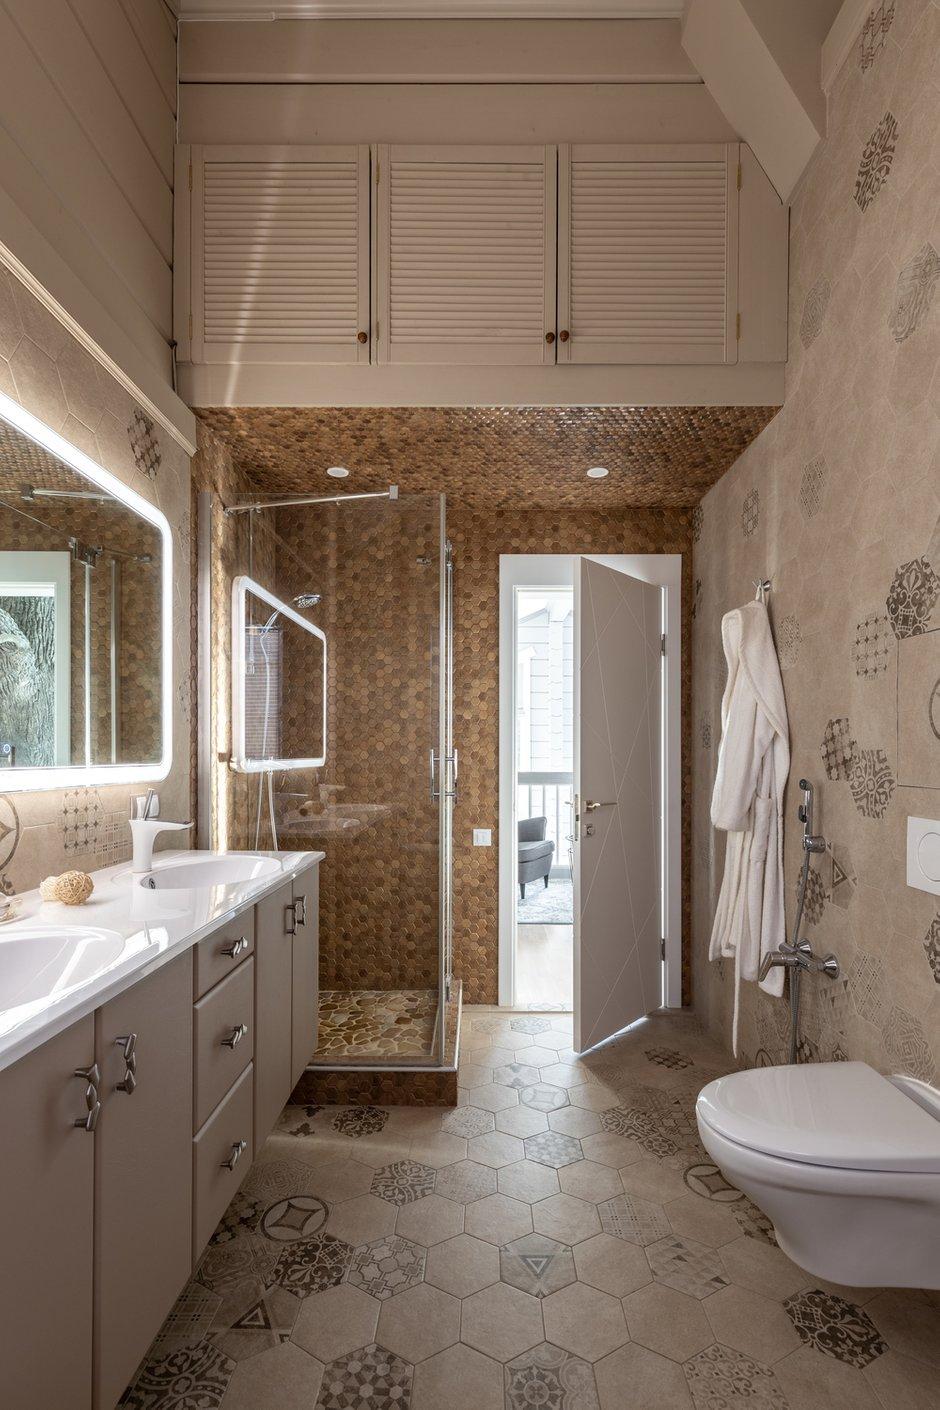 В ванной была организована большая антресоль, в которой небольшое пространство занимают трубы приточно-вытяжной вентиляции. Жалюзийные дверцы позволяют воздуху свободно циркулировать.